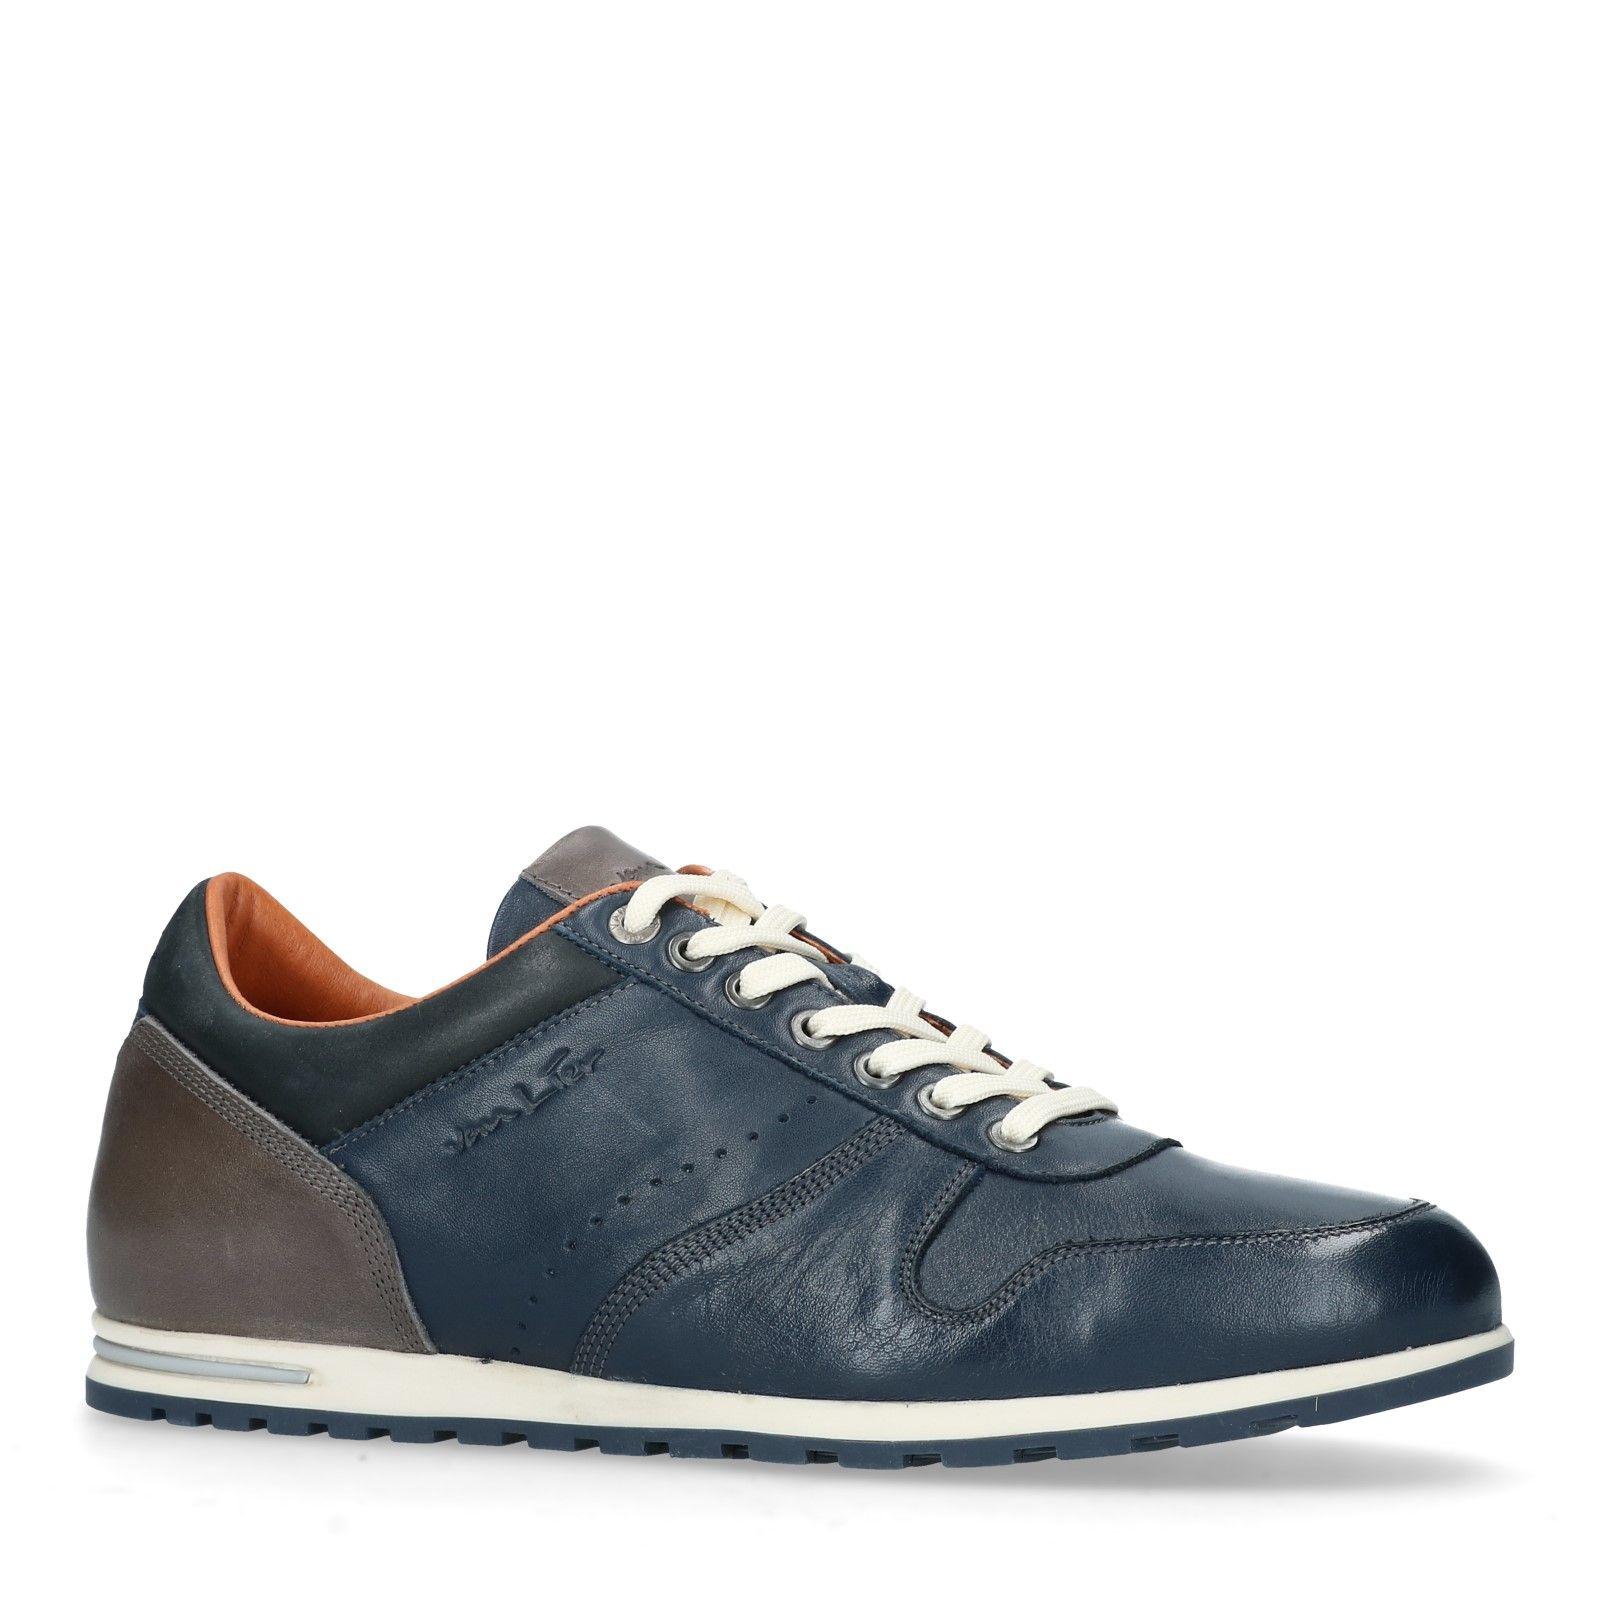 Leren Manfield Sneakers Leren Blauwe Sneakers Blauwe Heren 0Ypwqw8H